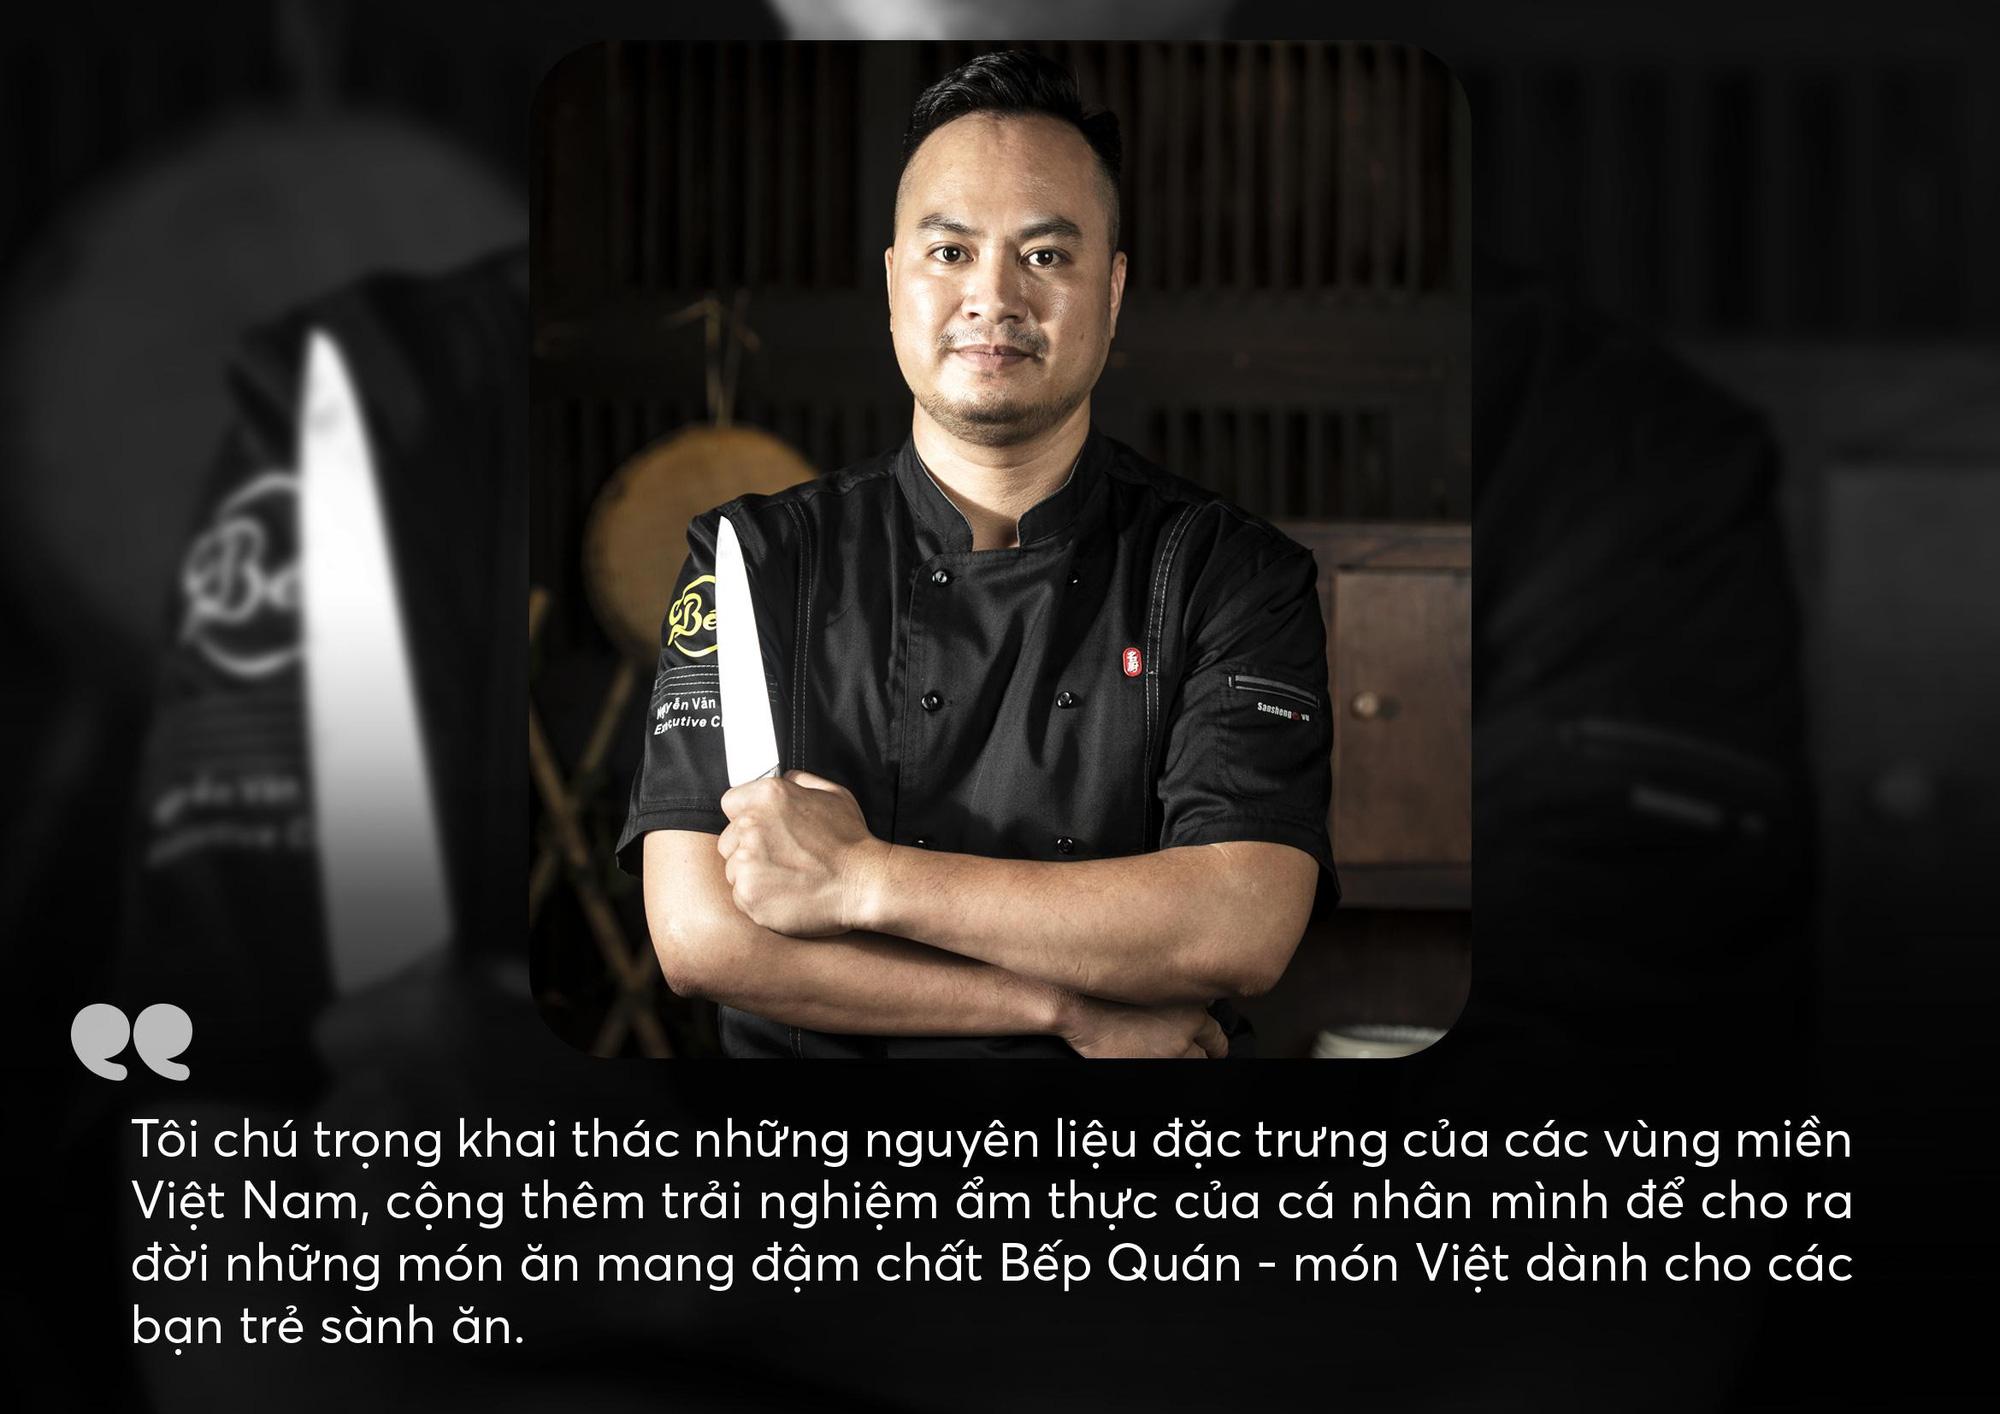 Chef Thái - Nâng tầm món ăn Việt luôn là trăn trở cả đời làm nghề của tôi - Ảnh 3.